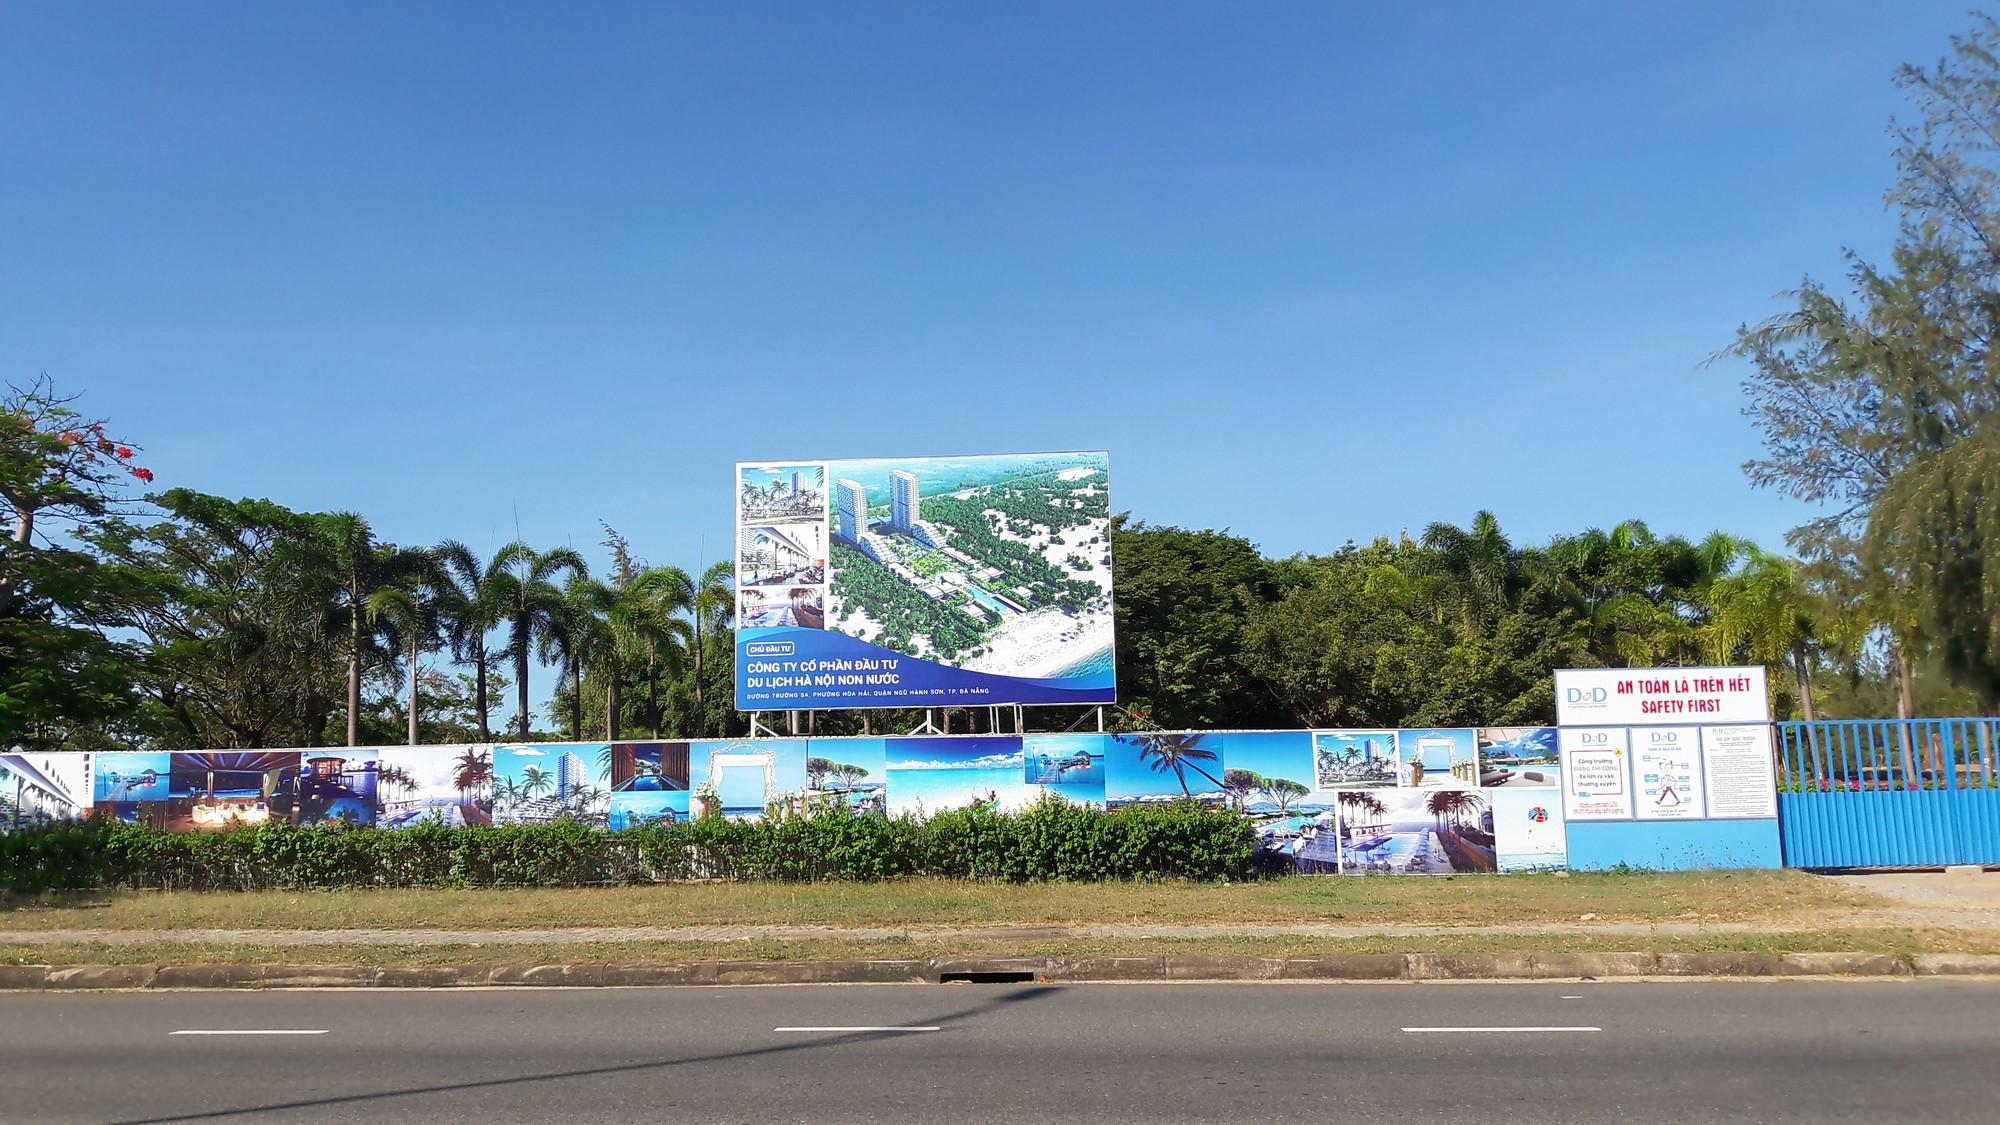 Cận cảnh dự án nghỉ dưỡng 756 tỉ đồng của công ty Đầu tư du lịch Hà Nội Non Nước xí phần rồi trễ hẹn 4 năm ở Đà Nẵng - Ảnh 12.